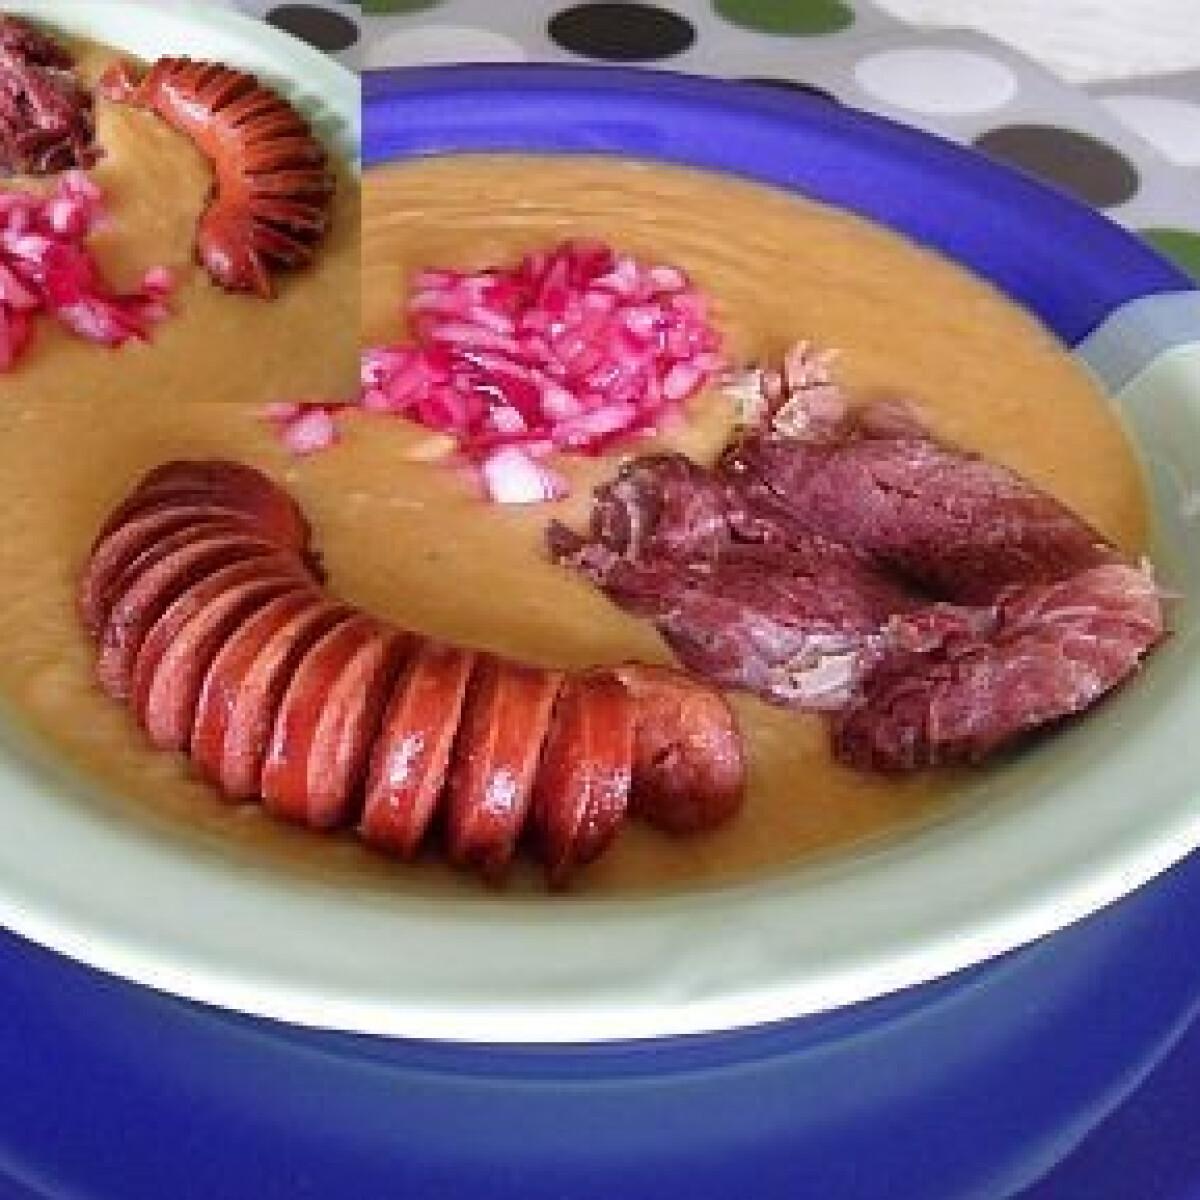 Ezen a képen: Sárgaborsó főzelék 5. - sonkalében főtt, lilahagymával